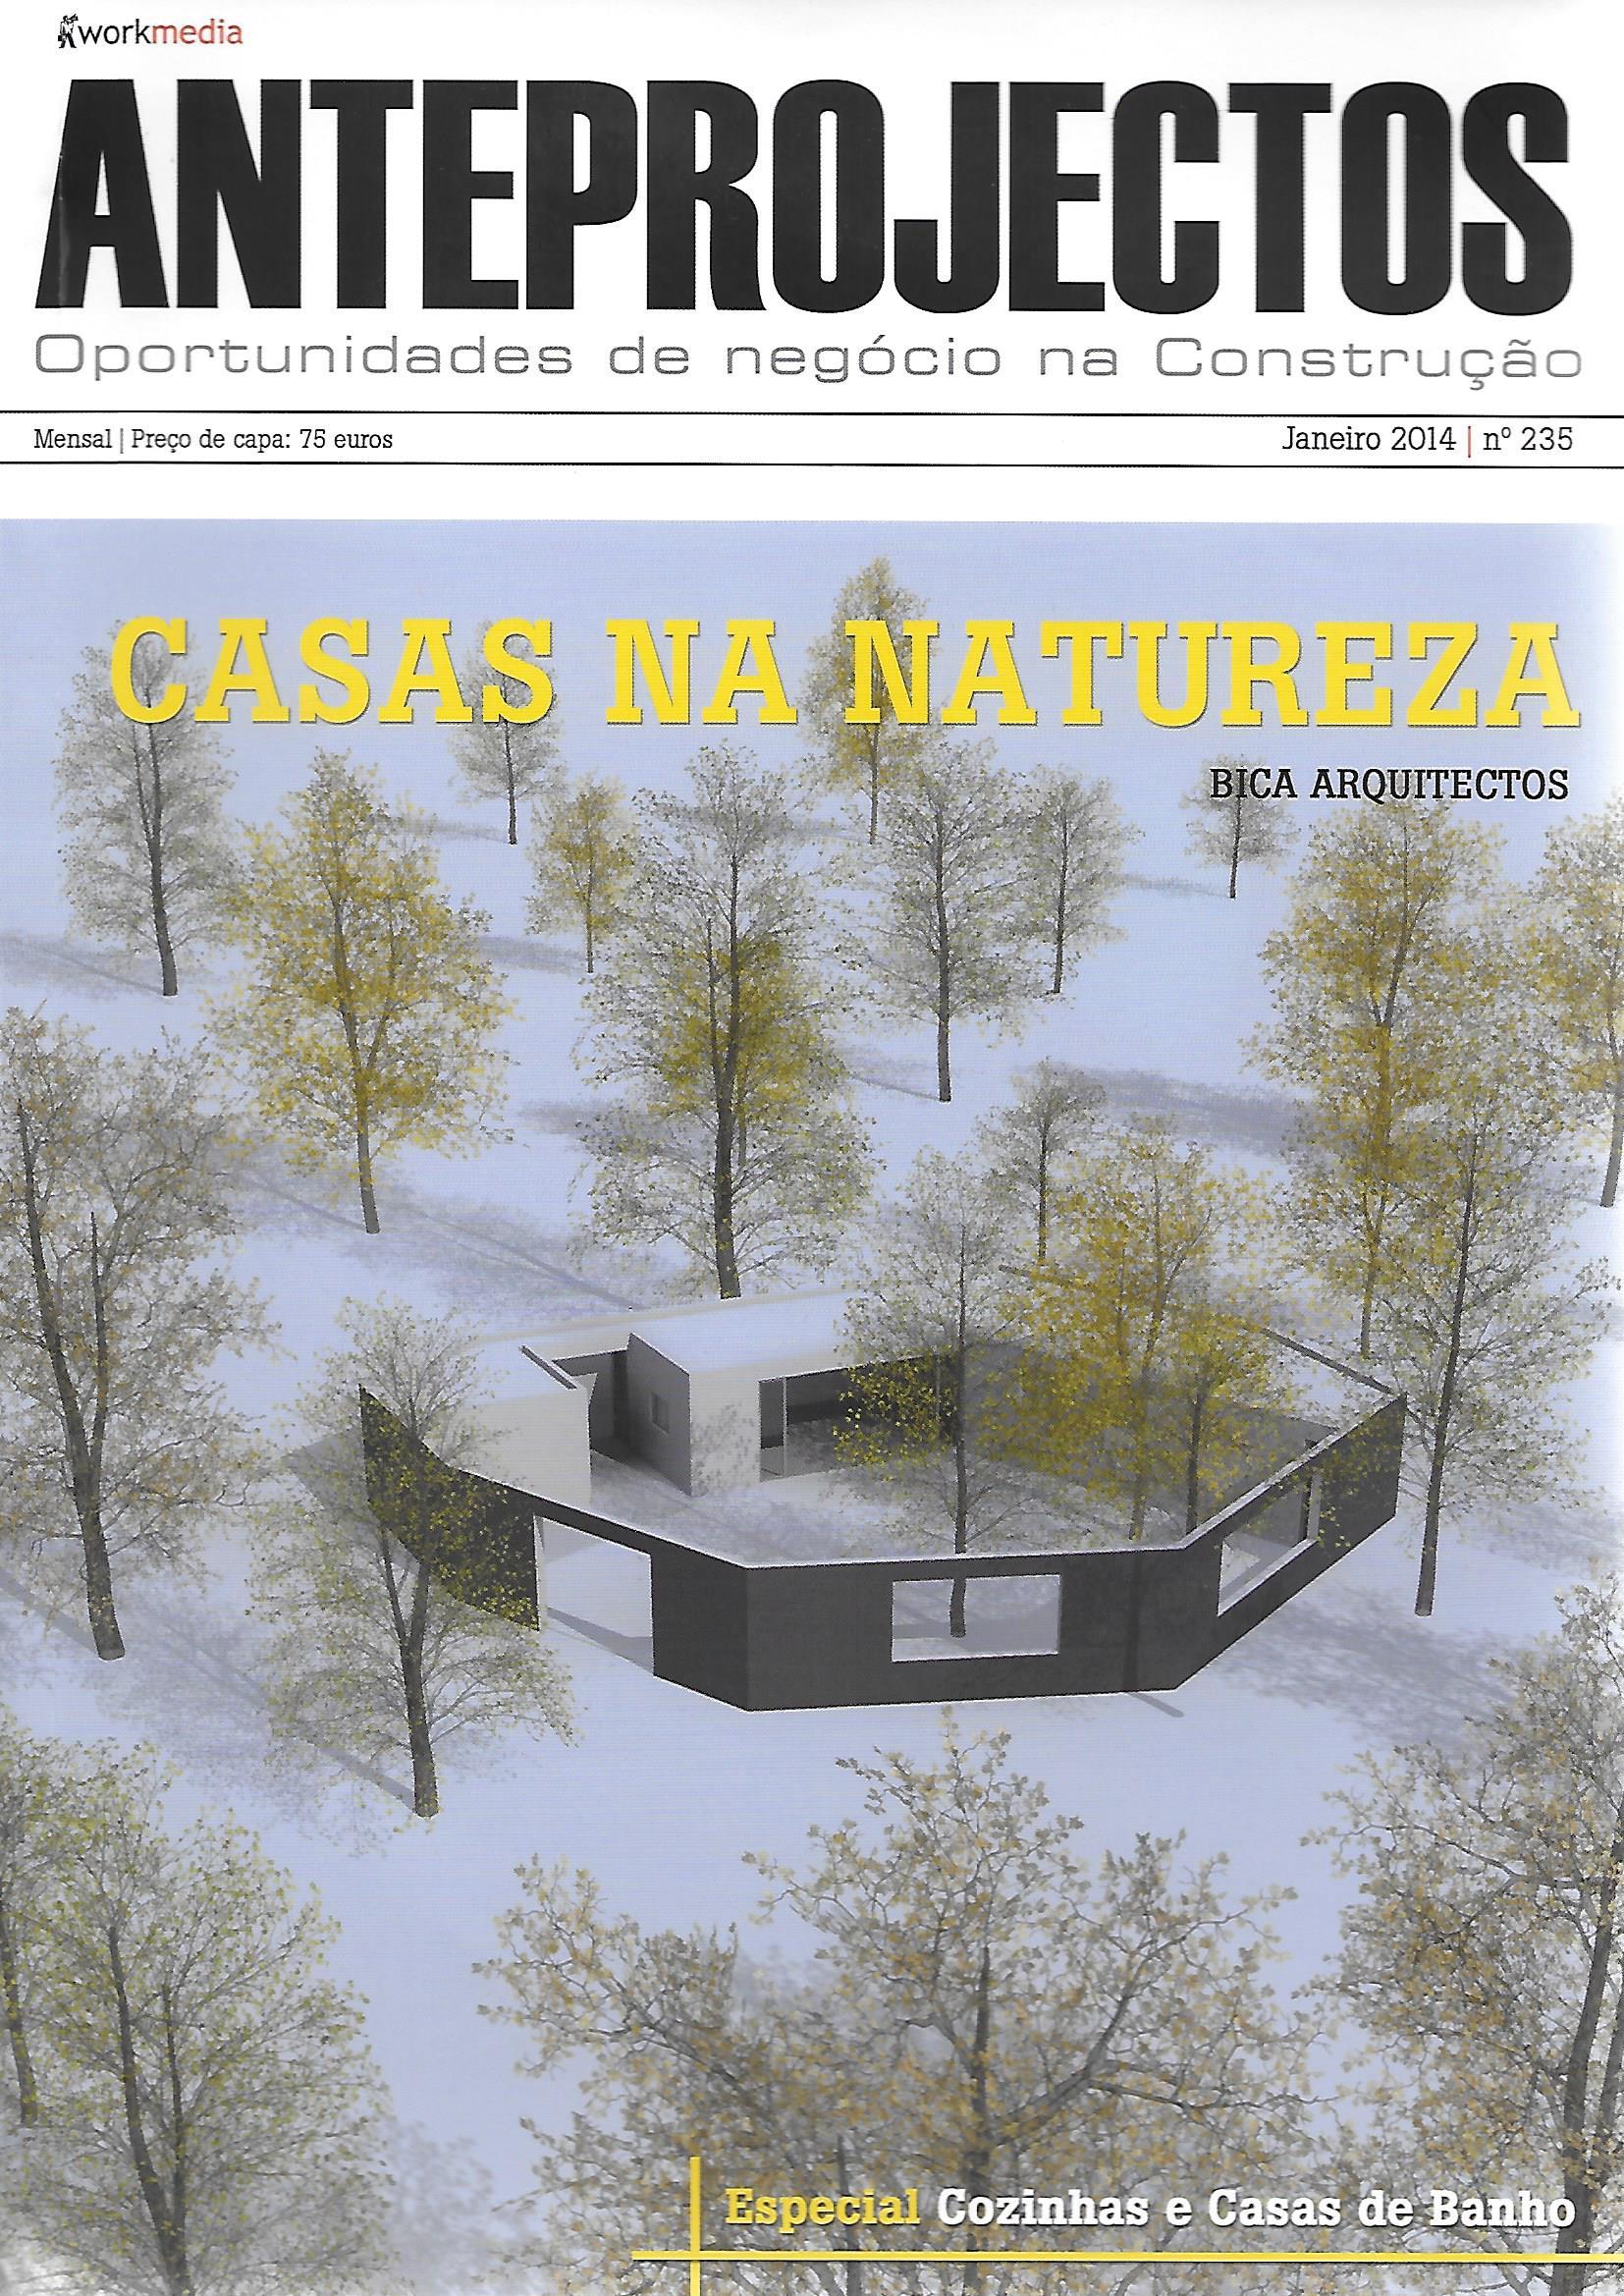 CASASPORTUCALE-ANTEPROJECTOS235.jpg